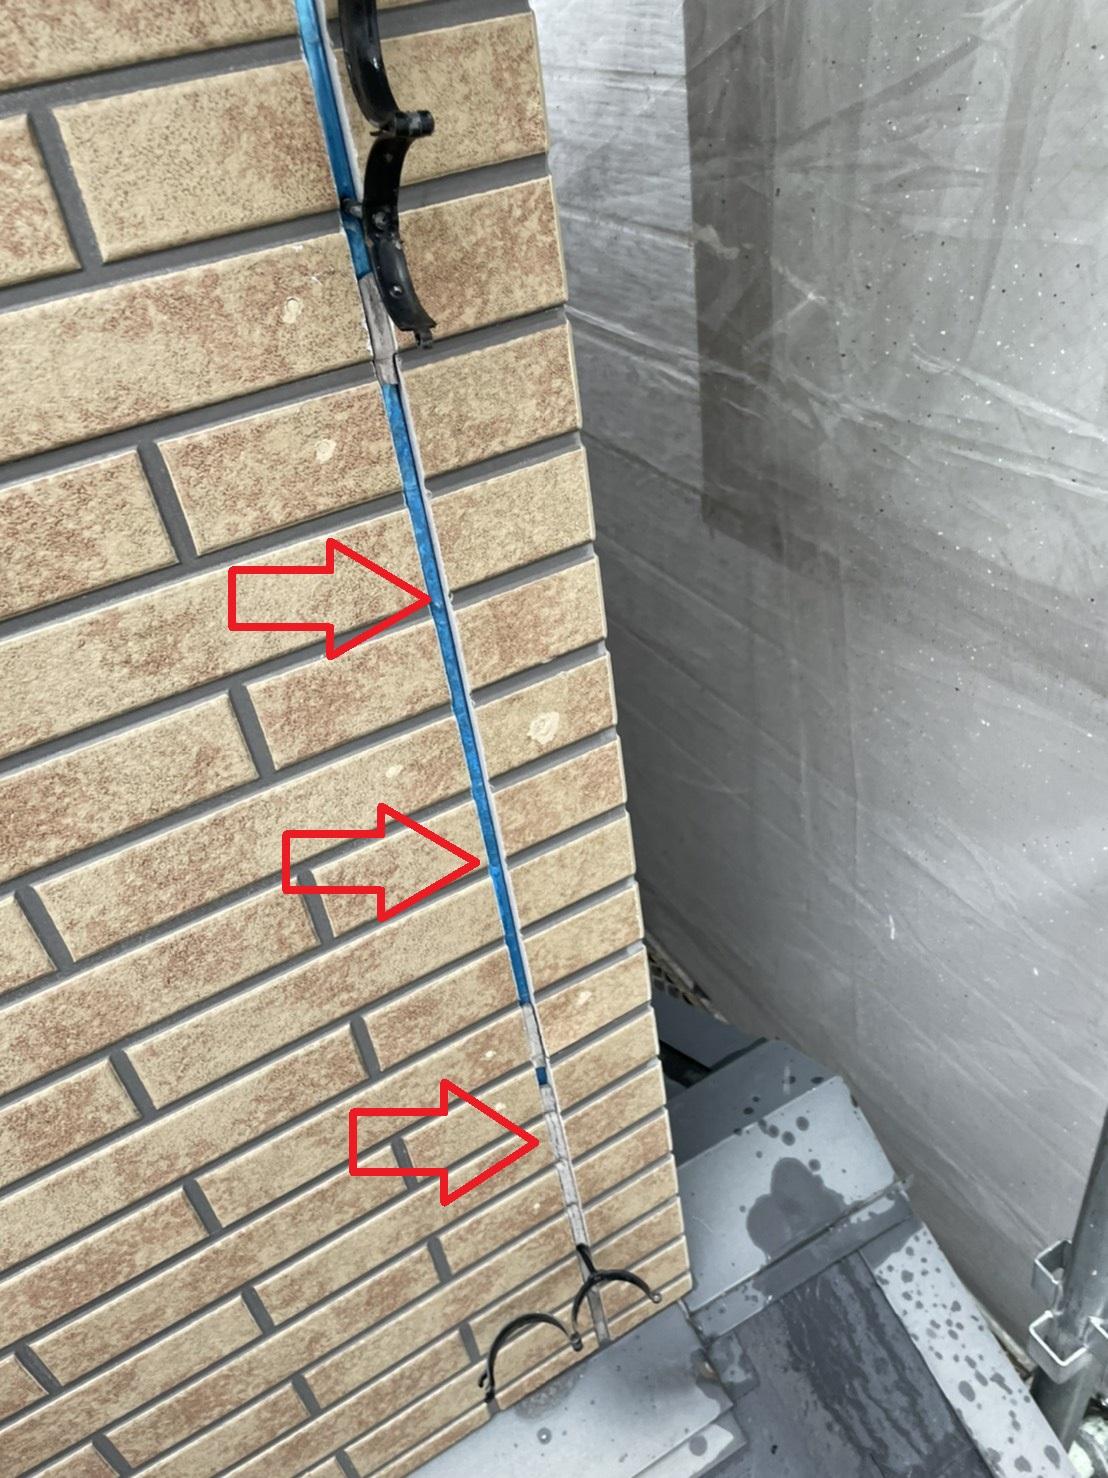 ベランダ外壁のサイディング目地に施工されてあるコーキングが剥がれている様子